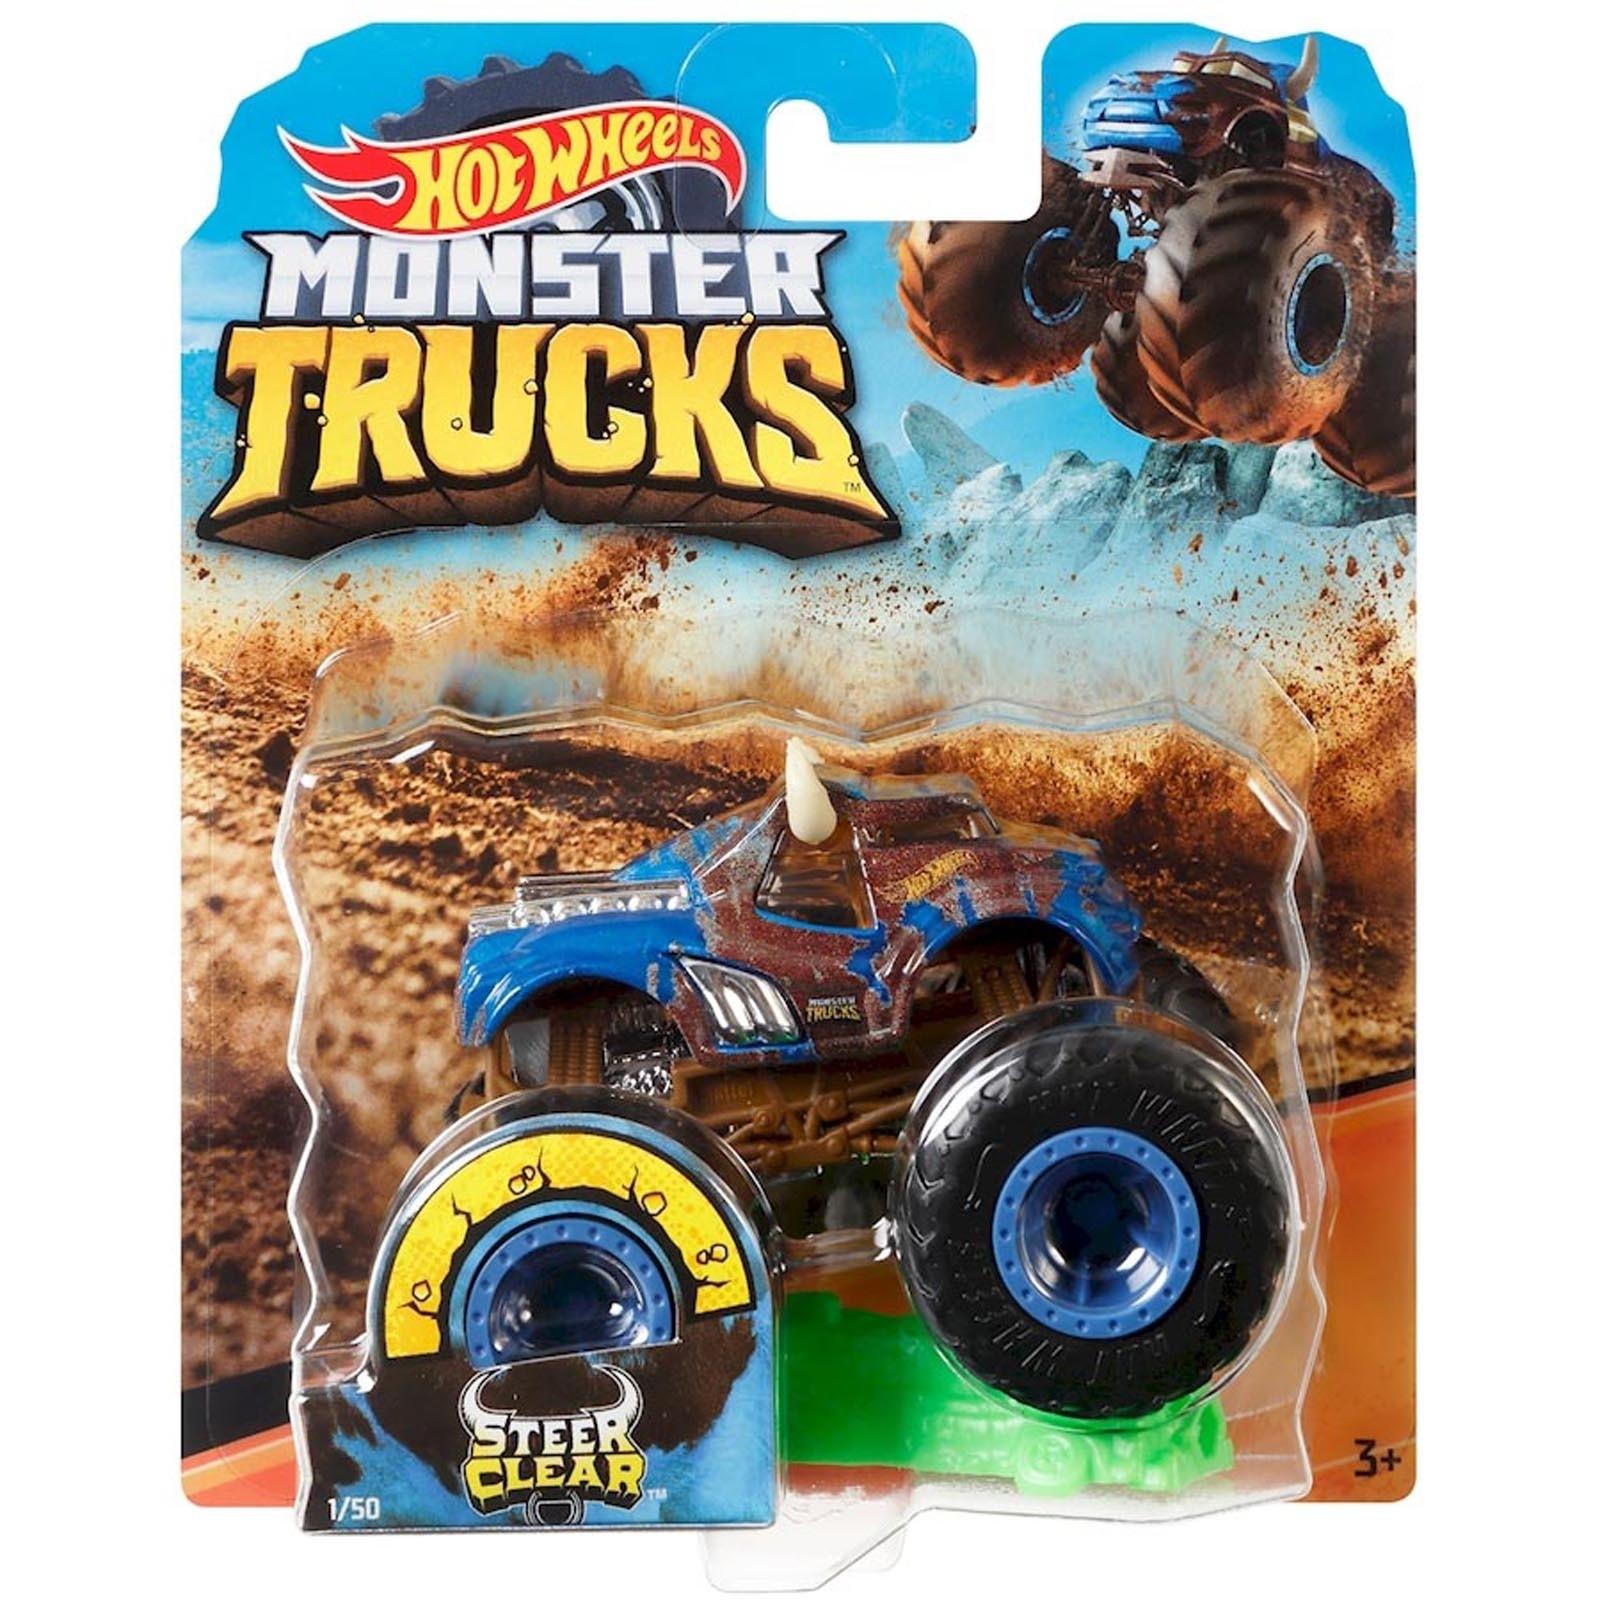 Hot Wheels - 1:64 - Steer Clear - Monster Trucks - GJF21